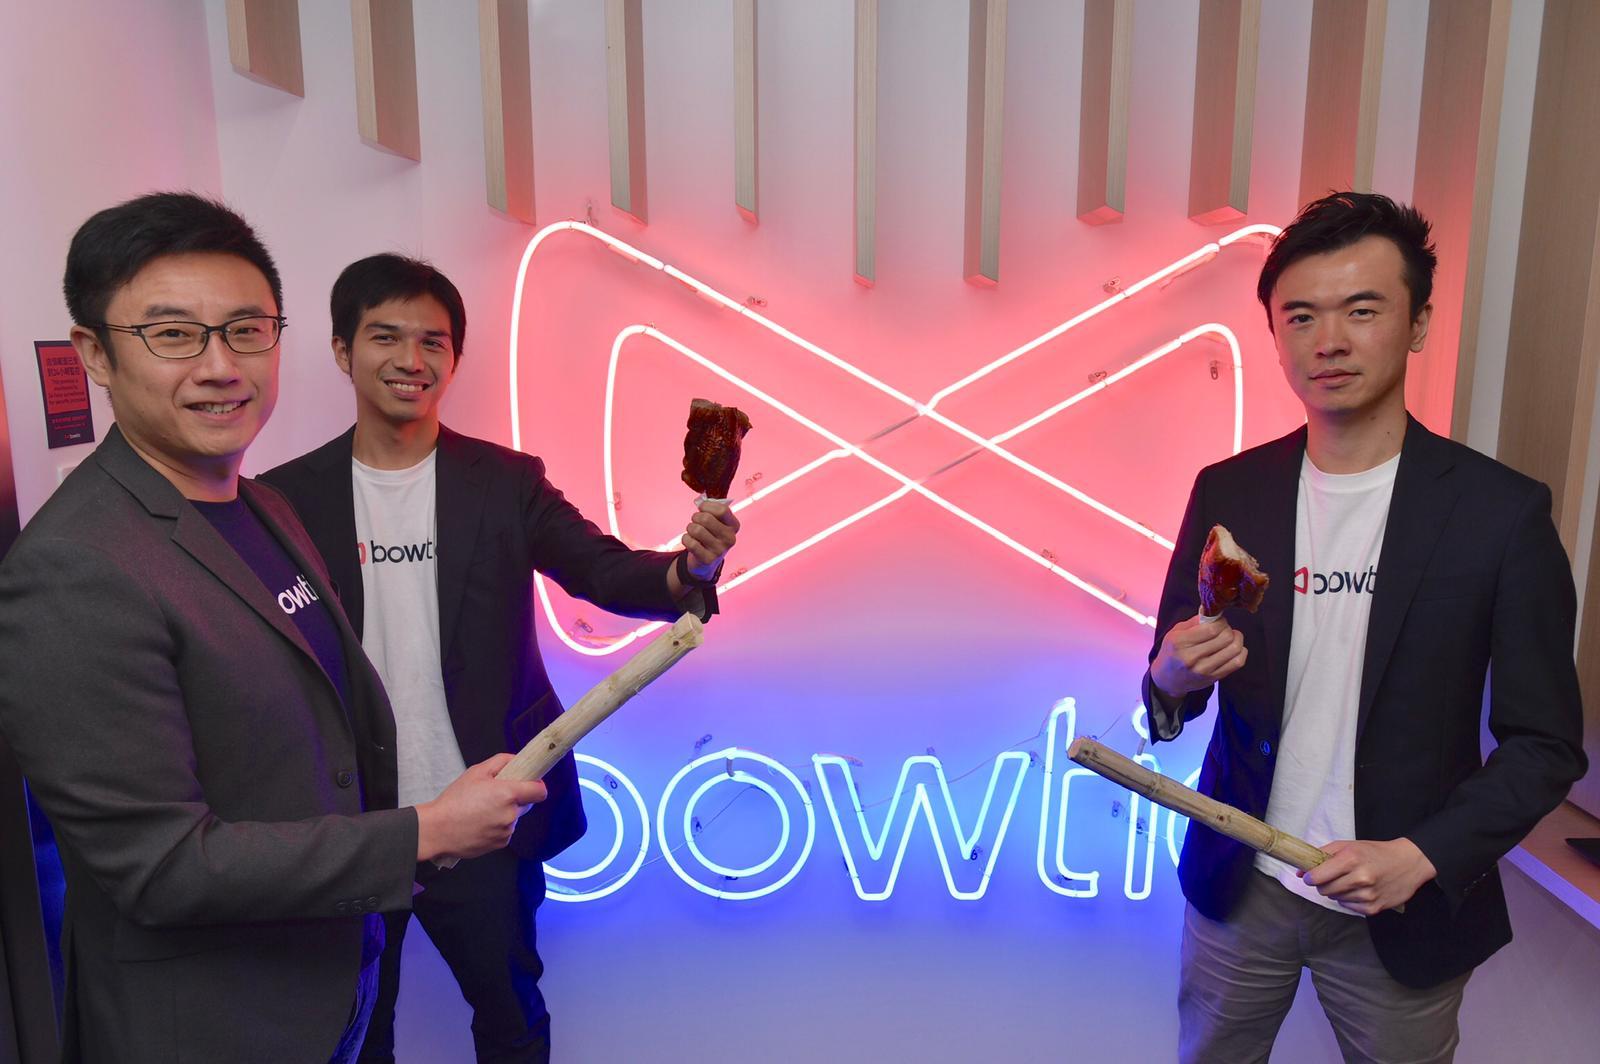 香港首間虛擬保險公司保泰人壽( Bowtie)宣布推出兩款自願醫保計劃。